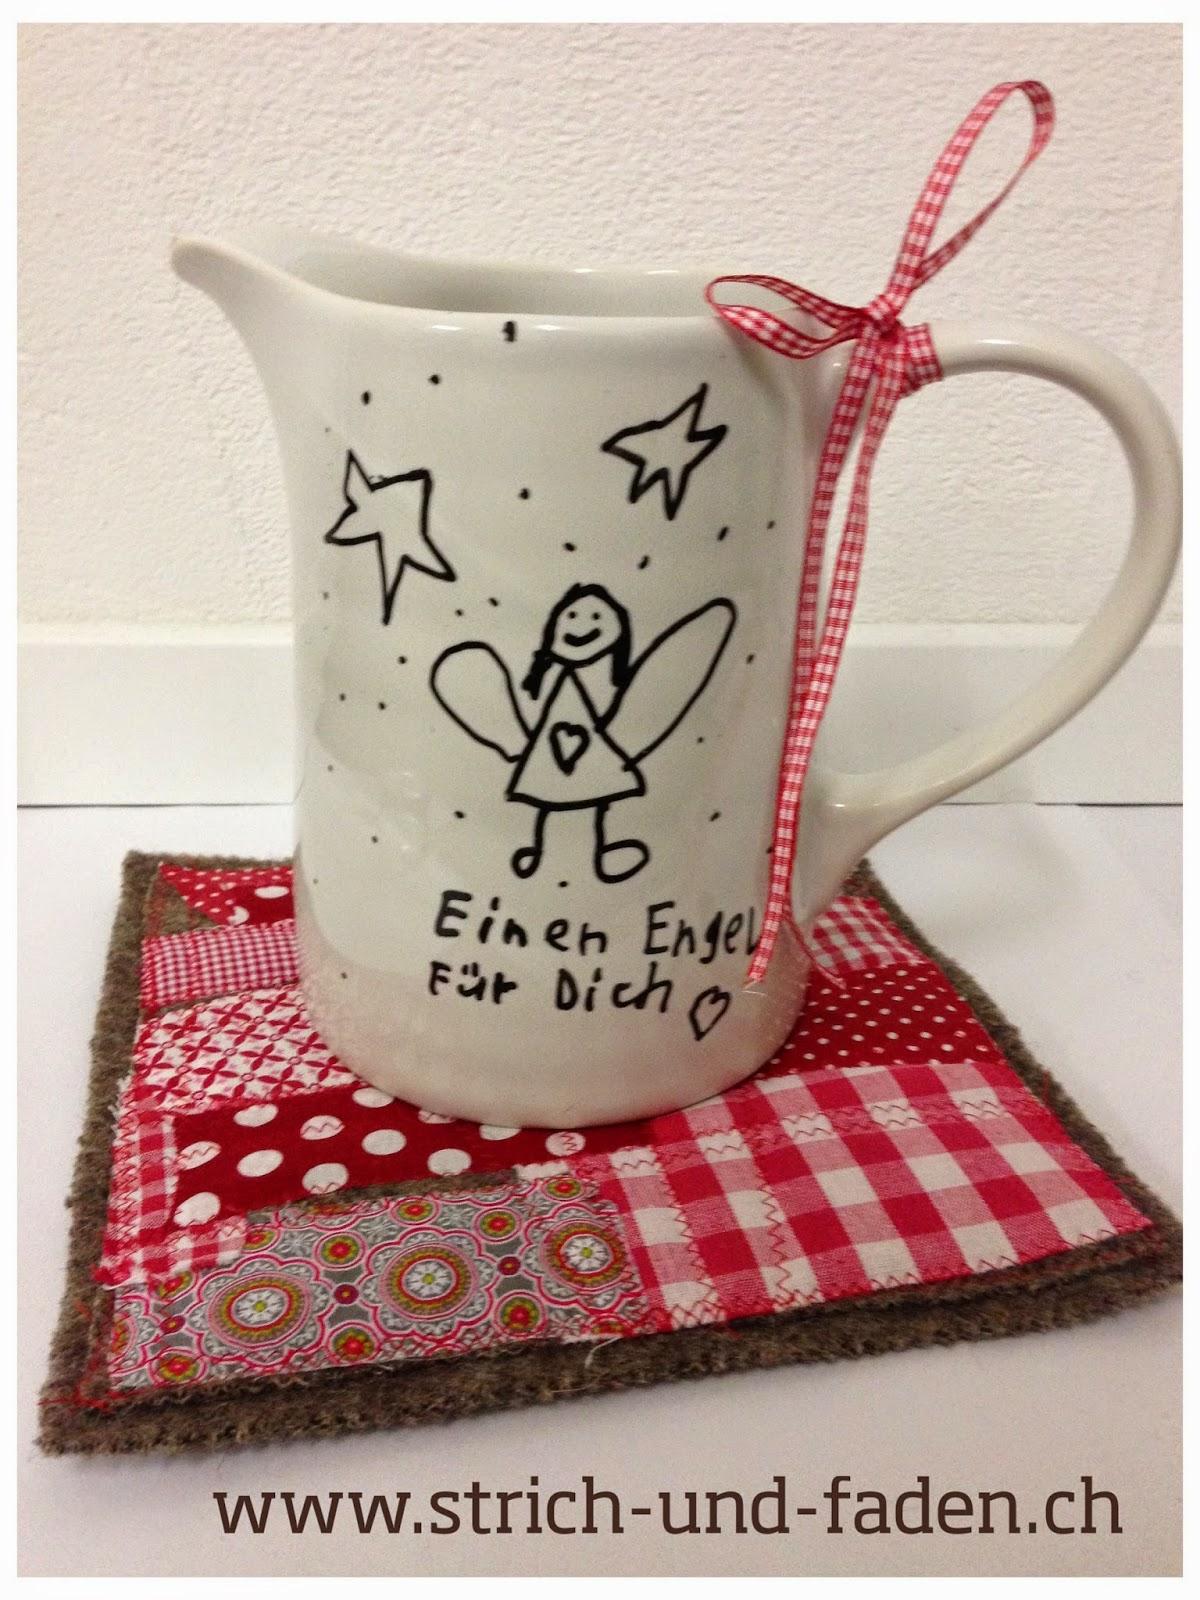 mit Strich und Faden | Basteln mit Kindern für Weihnachten Topfuntersetzer mit Teekrug